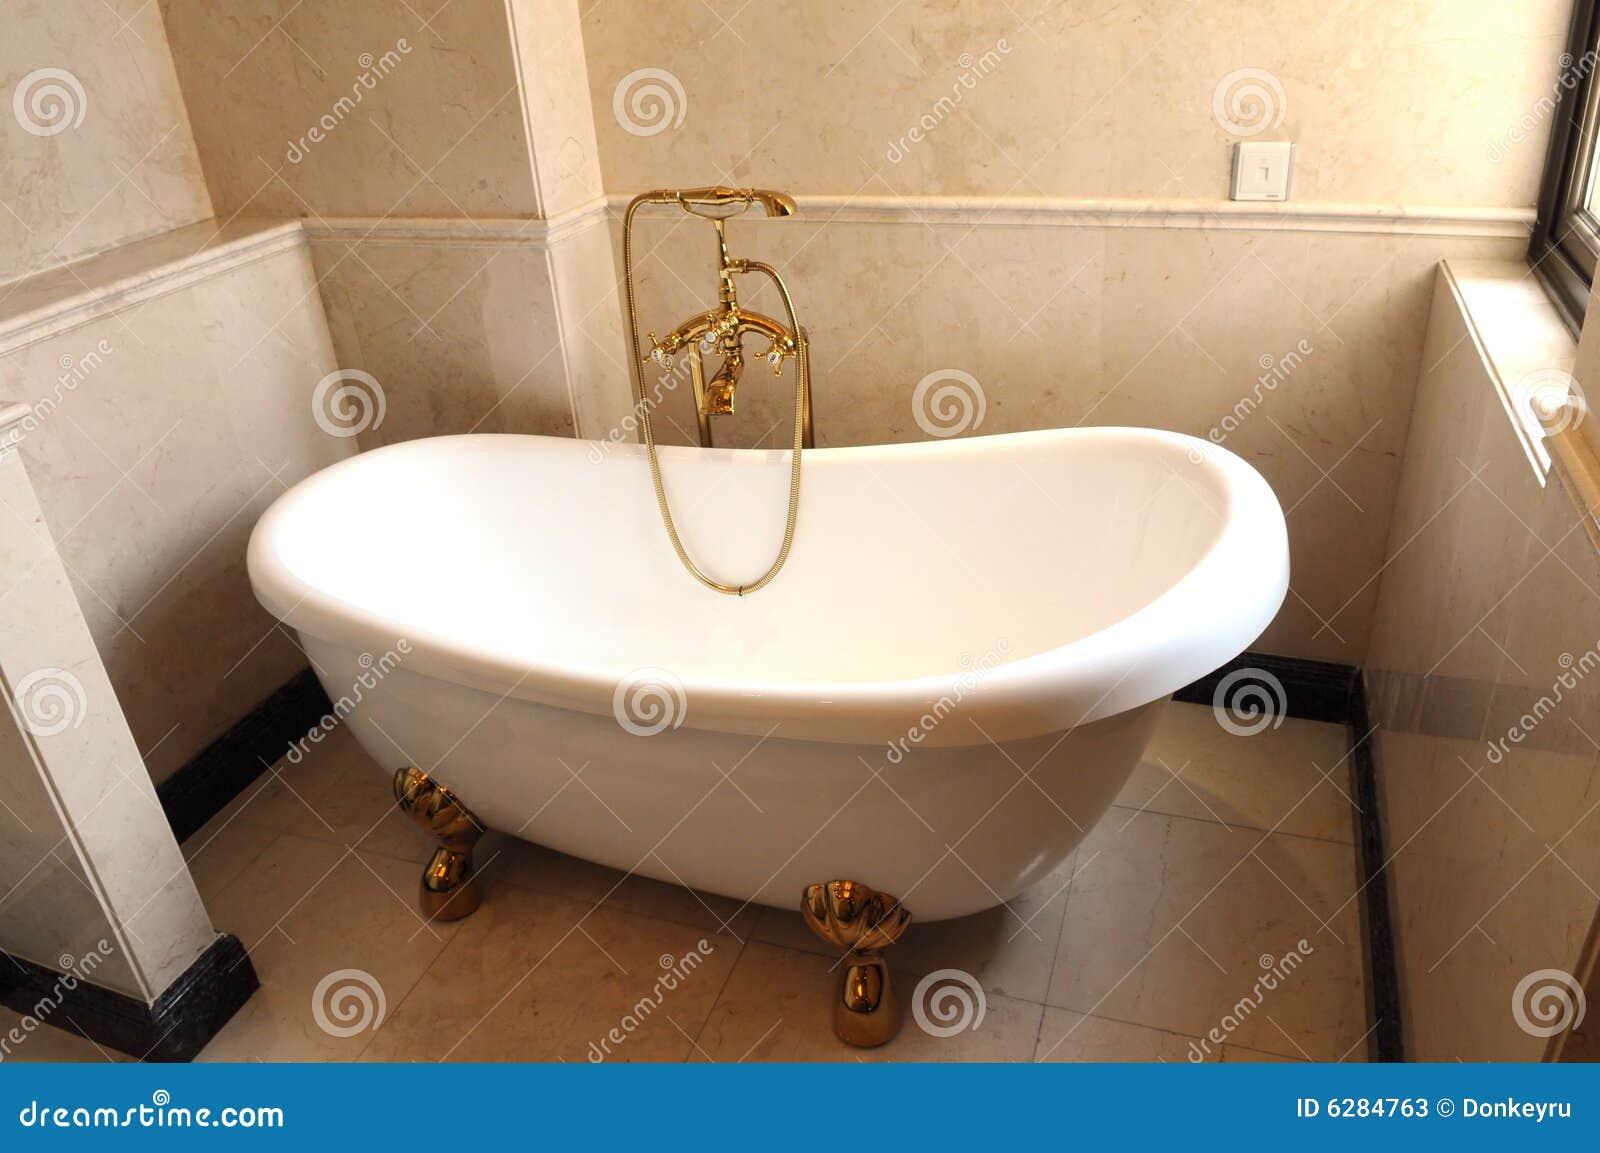 Cuba Cerâmica Branca No Banheiro Fotos de Stock  Imagem 6284763 -> Cuba Banheiro Branca